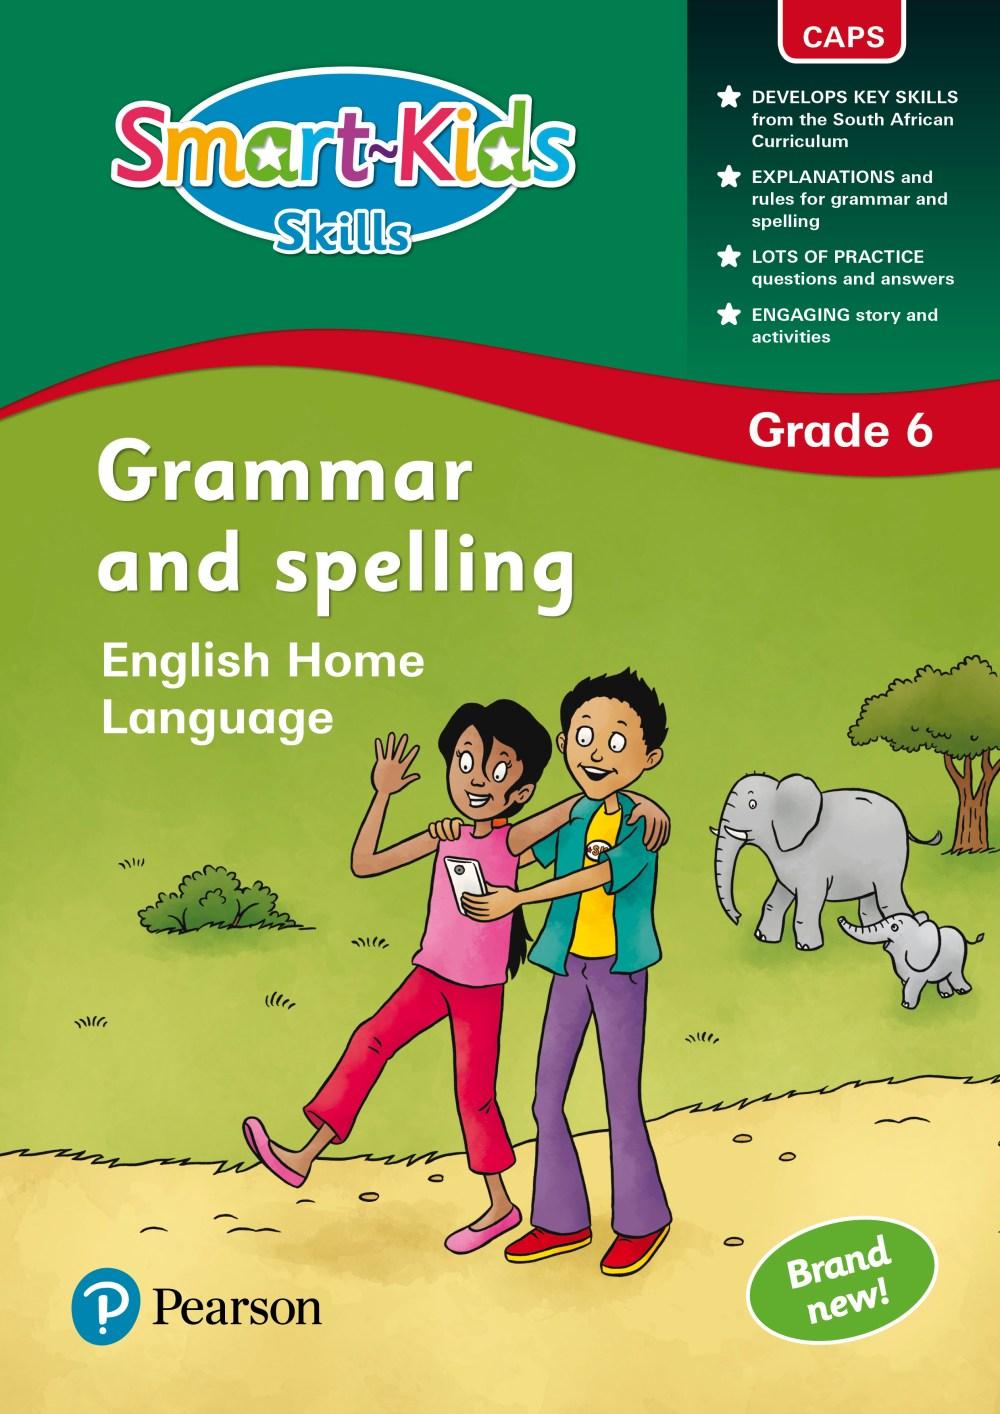 medium resolution of Smart-Kids Skills Grammar and Spelling Grade 6   Smartkids